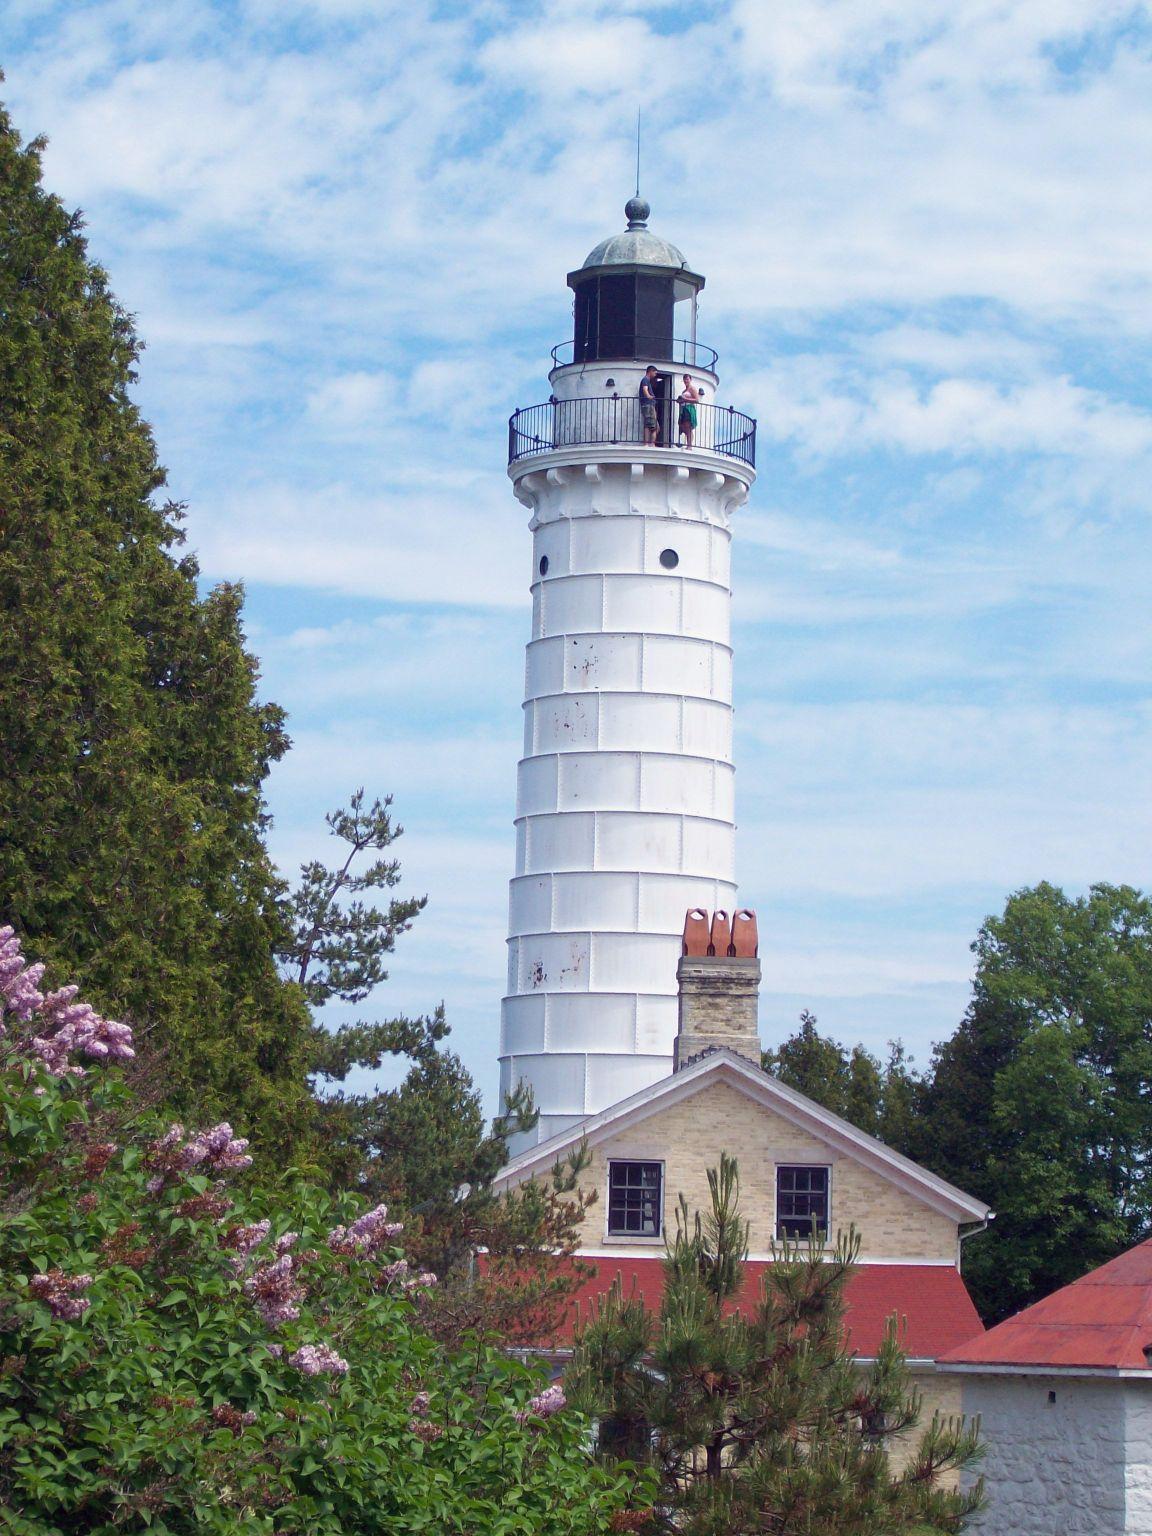 Door County Wis. & Door County Wis. is home to lighthouses cherries and more ...